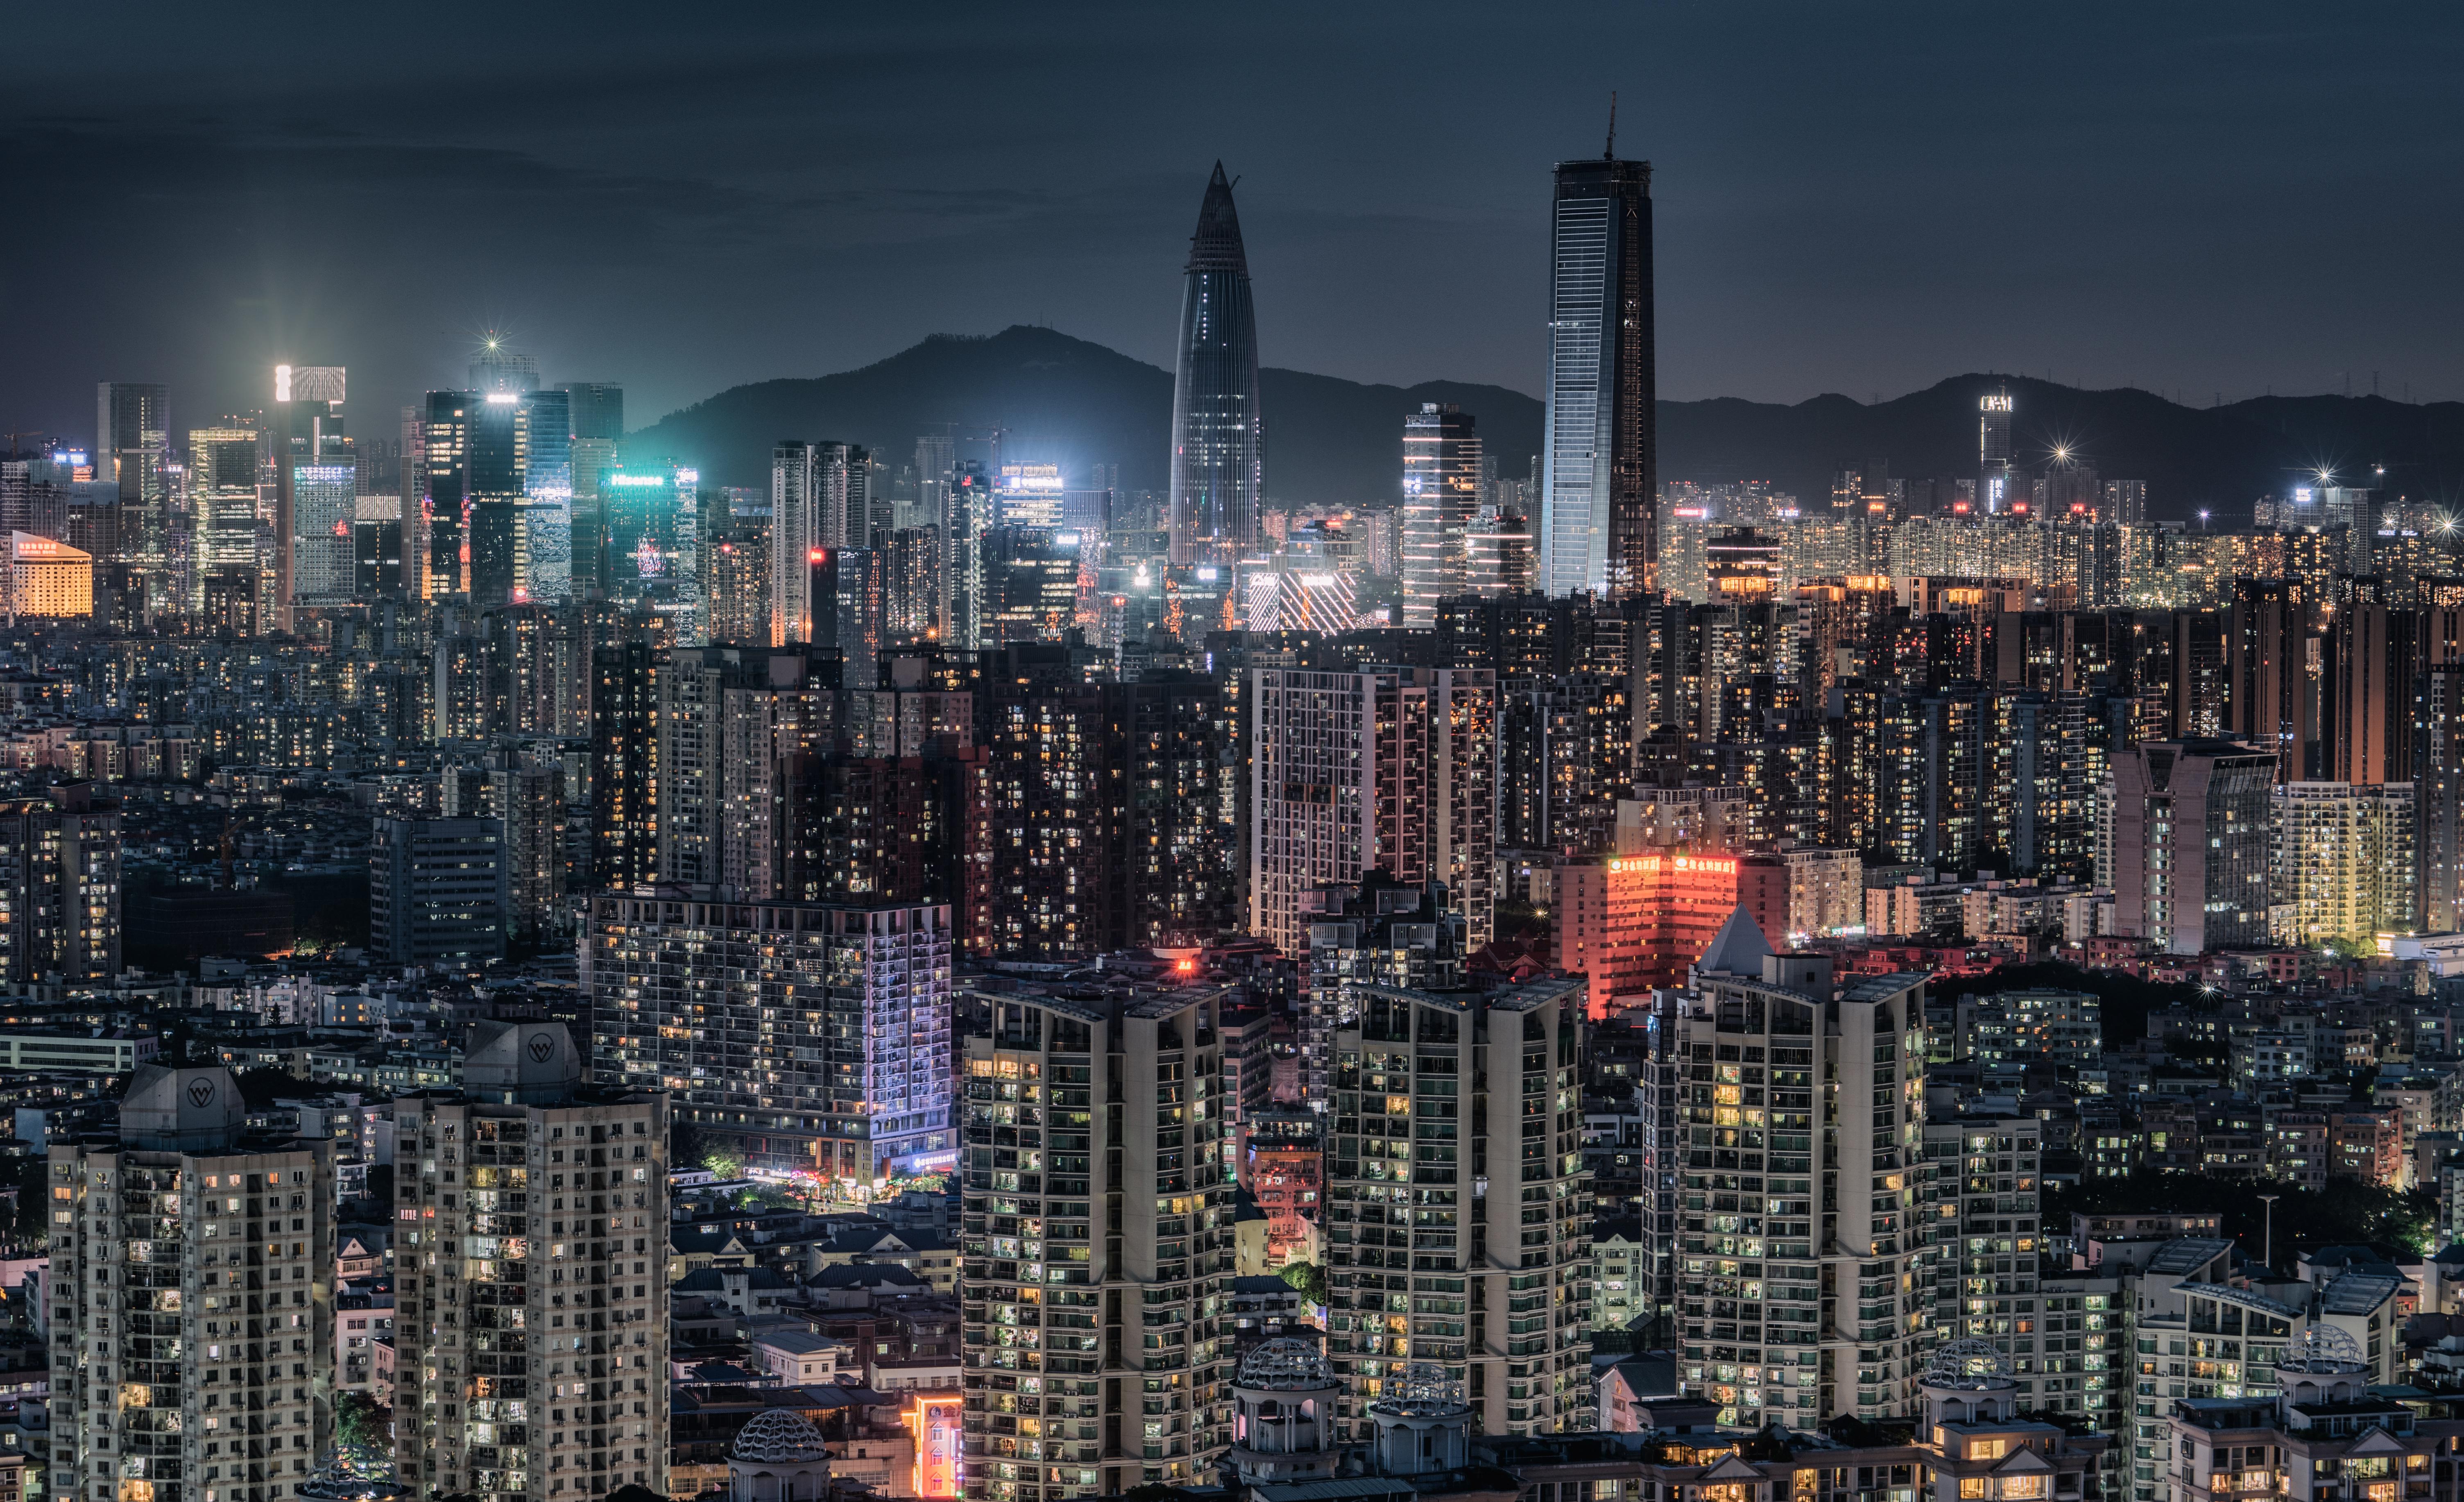 Night of nanshan,Shenzhen City